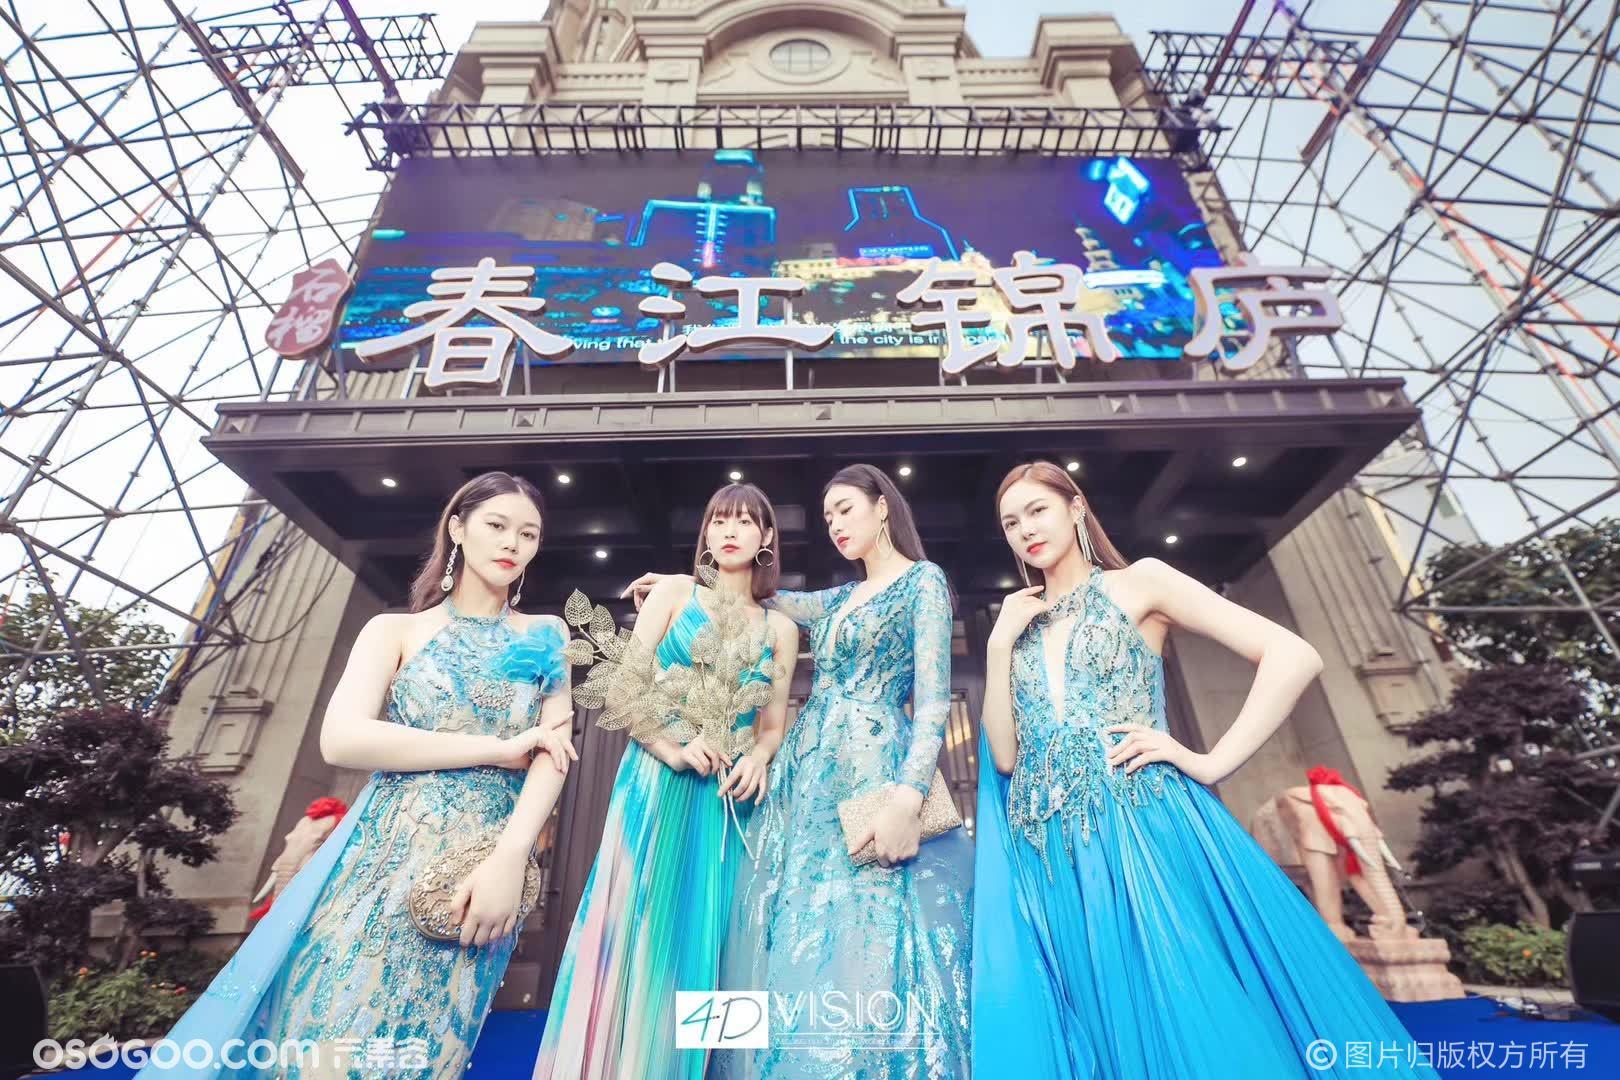 亚上文化-亚上礼服&蓝祖海&主题礼服租赁